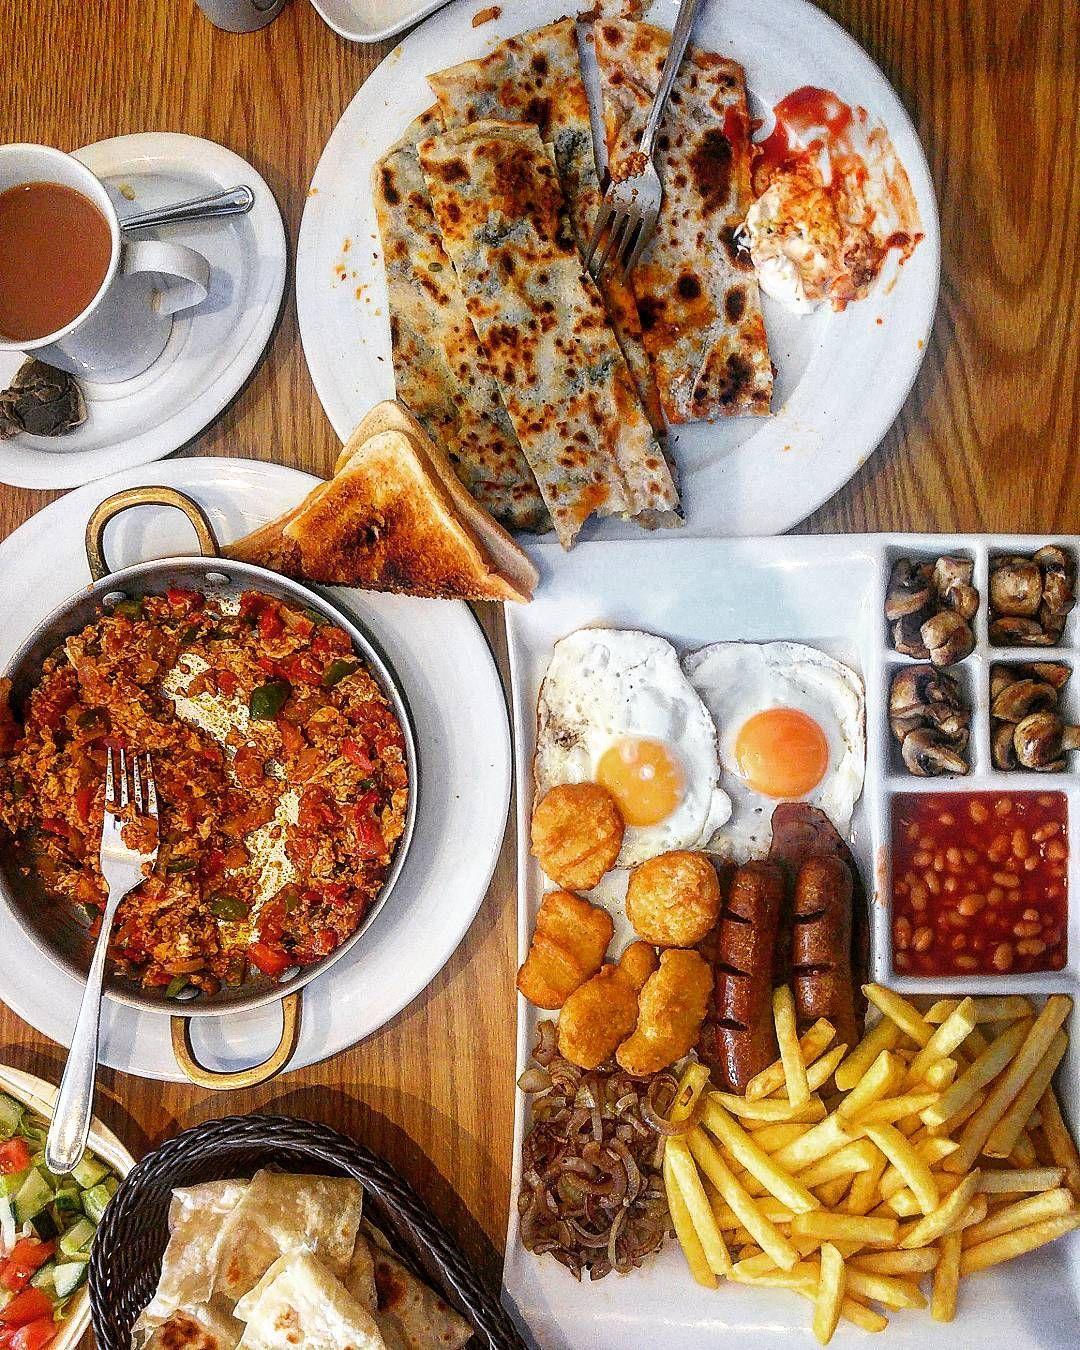 21 Halal Breakfast Places In London Halal Food Guy Halal Recipes Food Halal Breakfasts